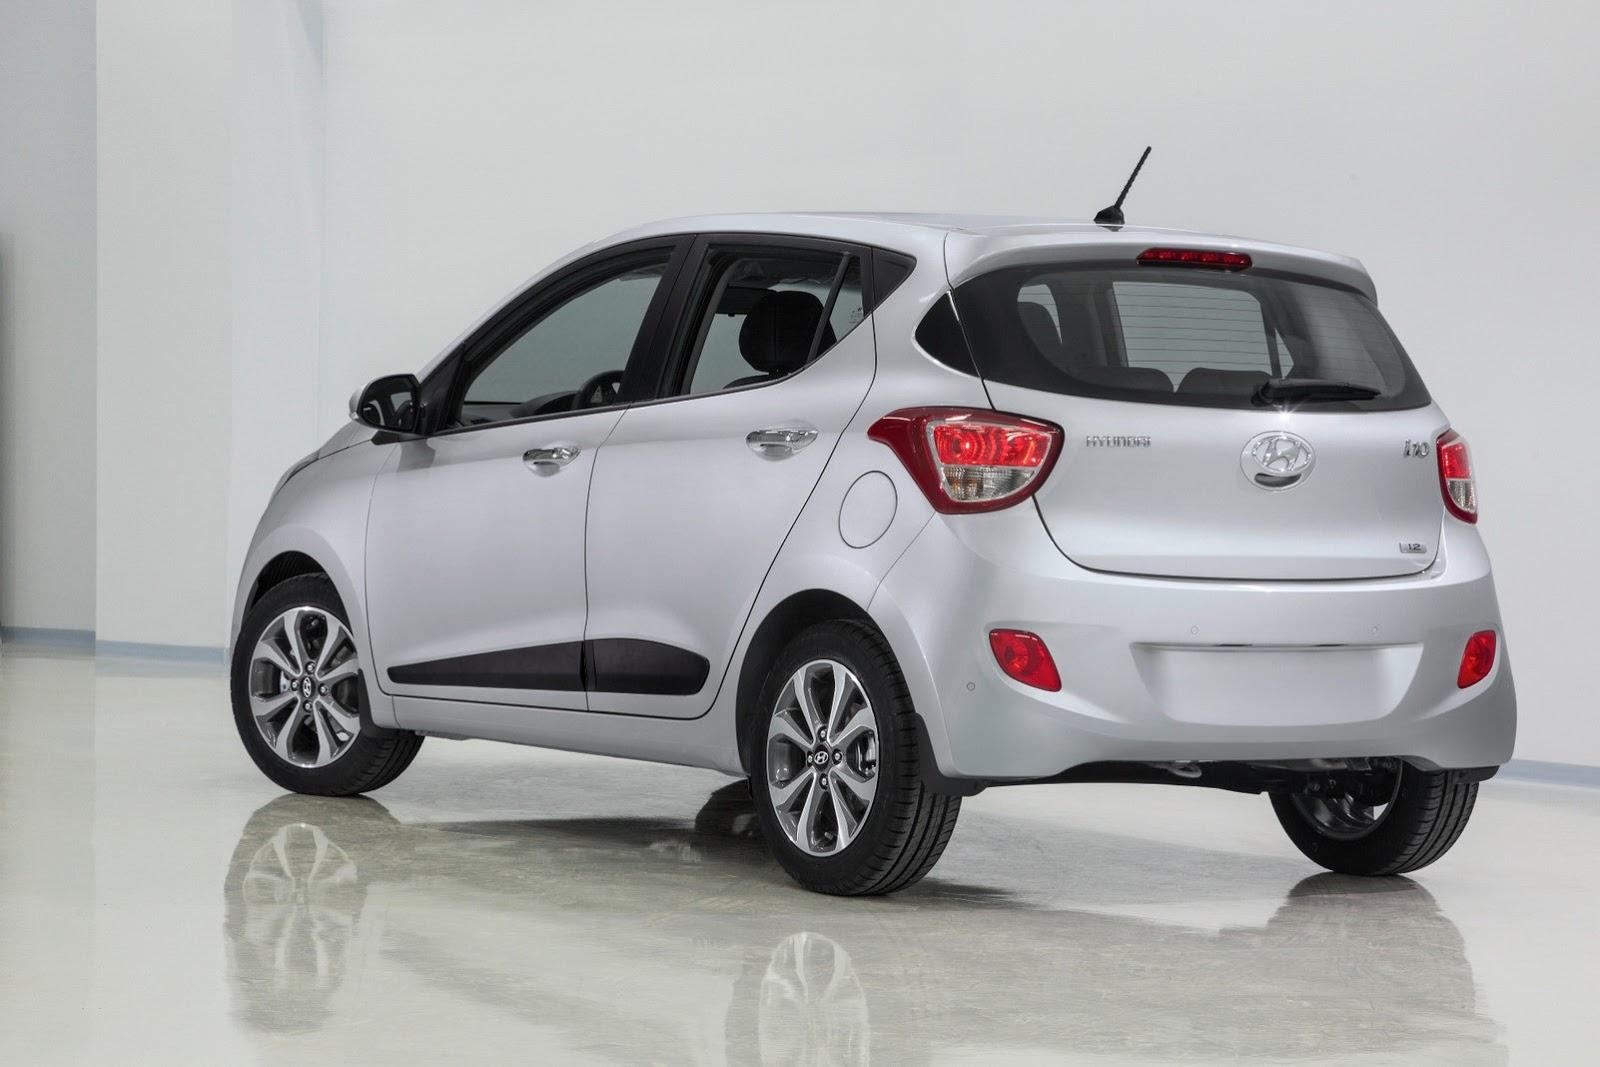 New-Hyundai-i10-4[3]